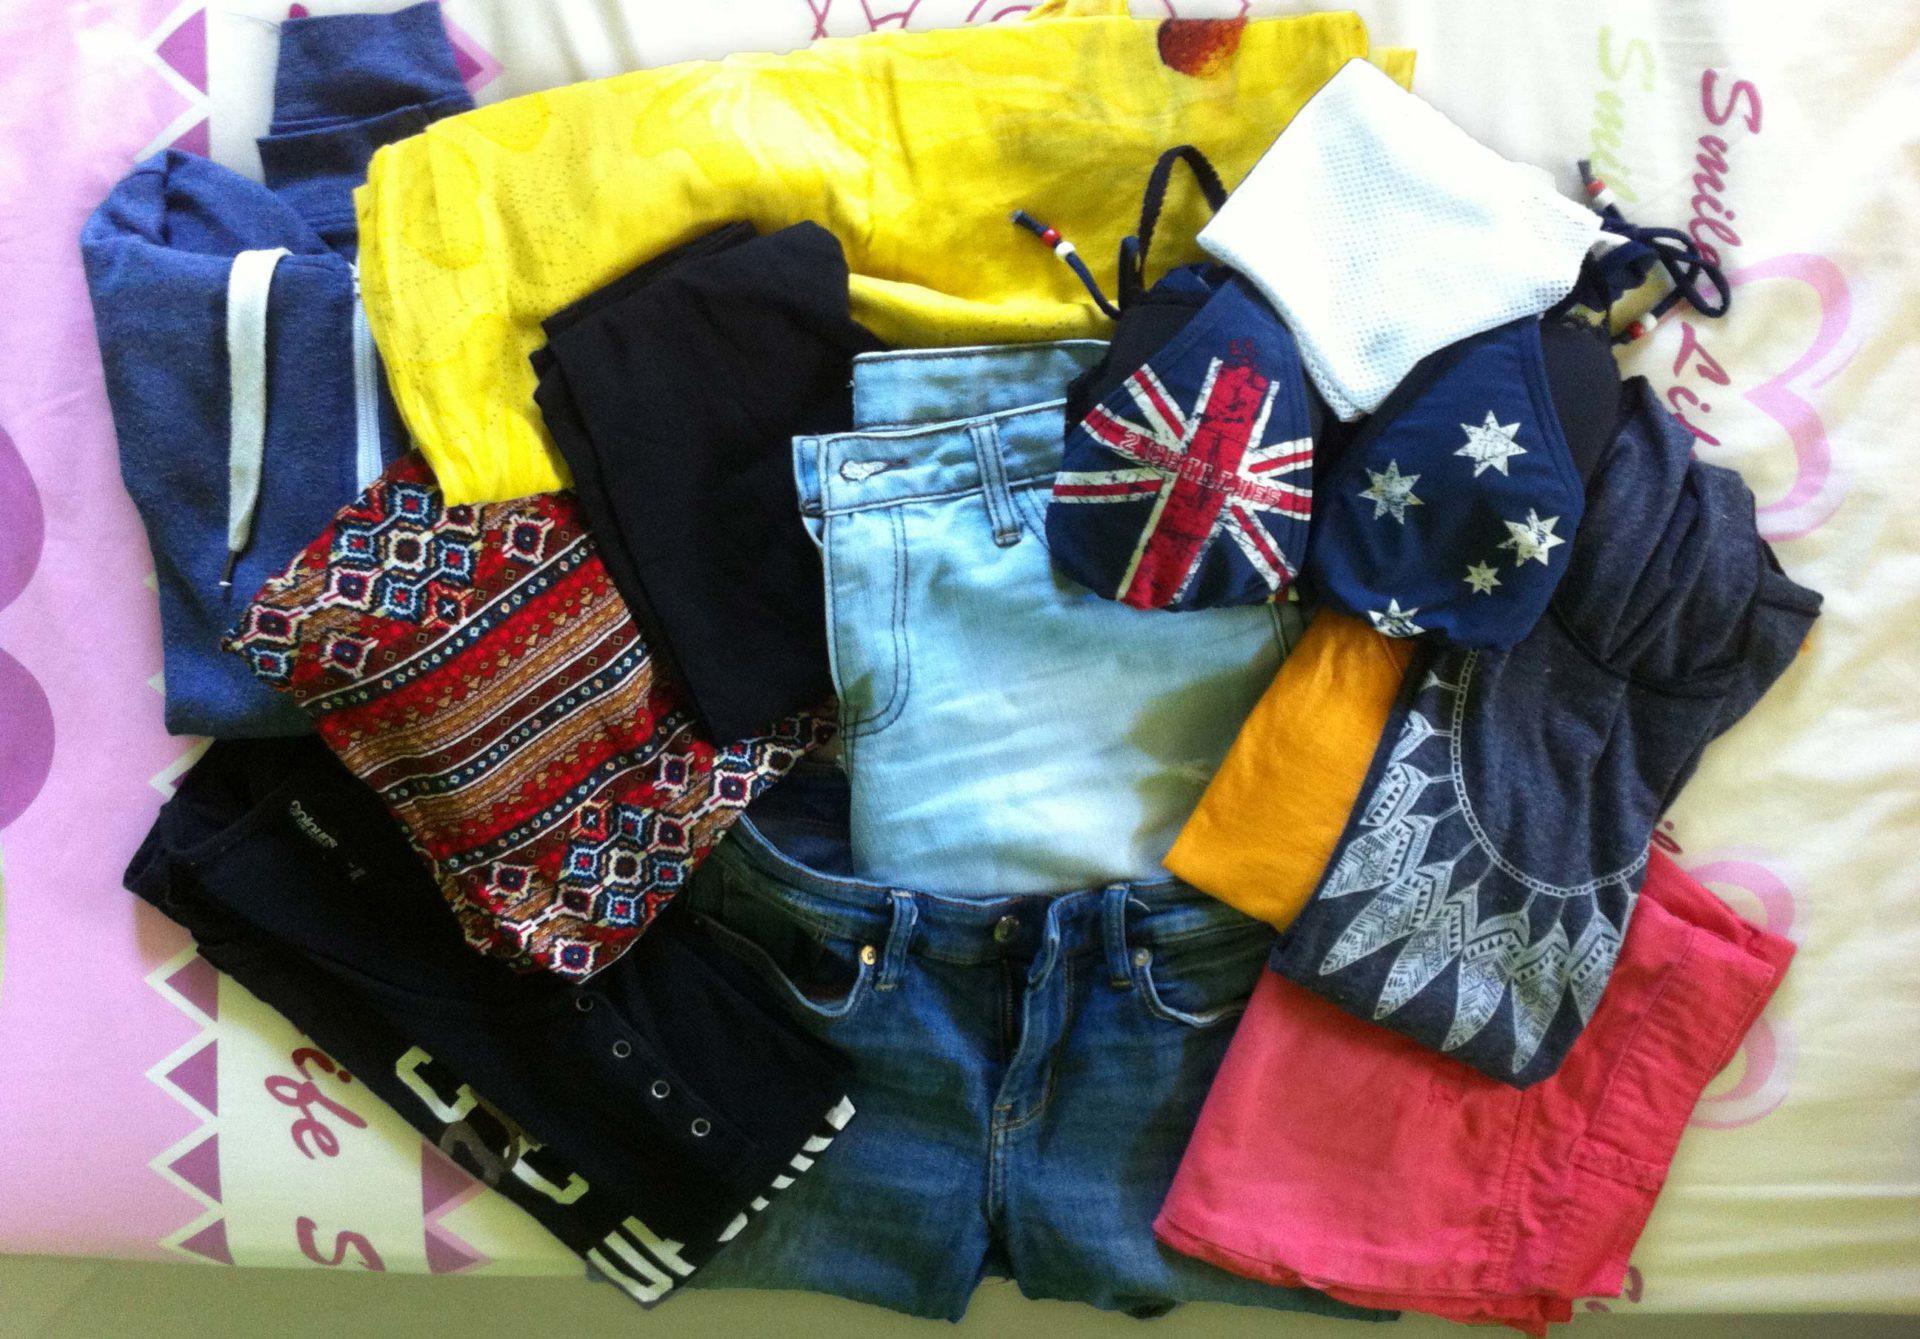 Packliste Strandurlaub: Klamotten und Schuhe